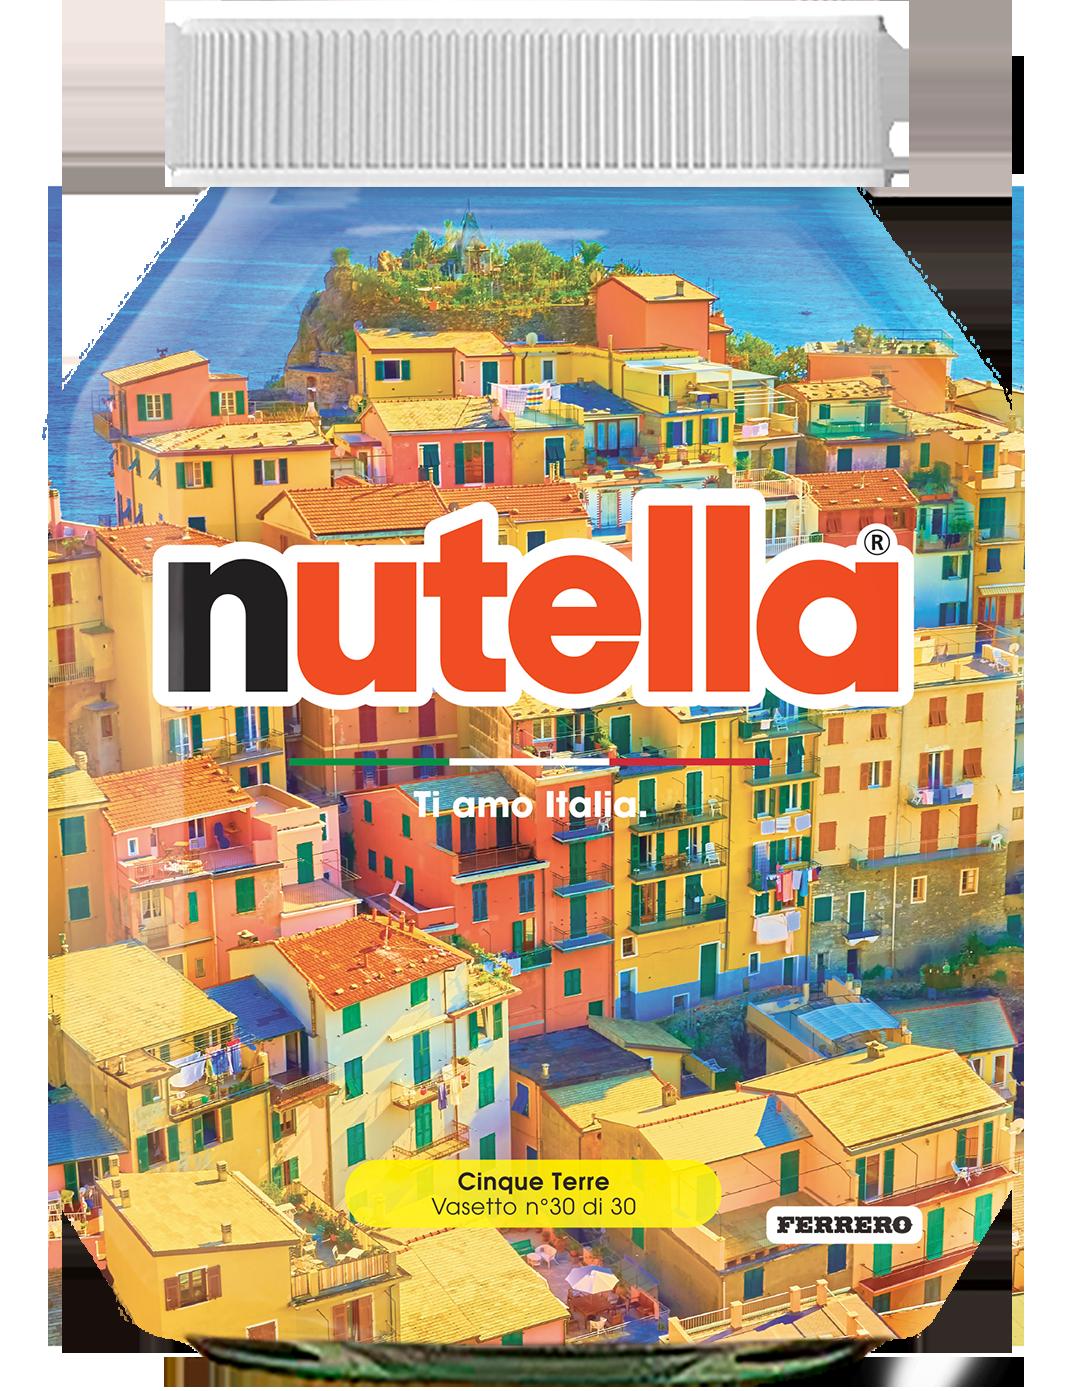 Liguria - Cinque Terre - i vasetti di nutella dedicati all'italia